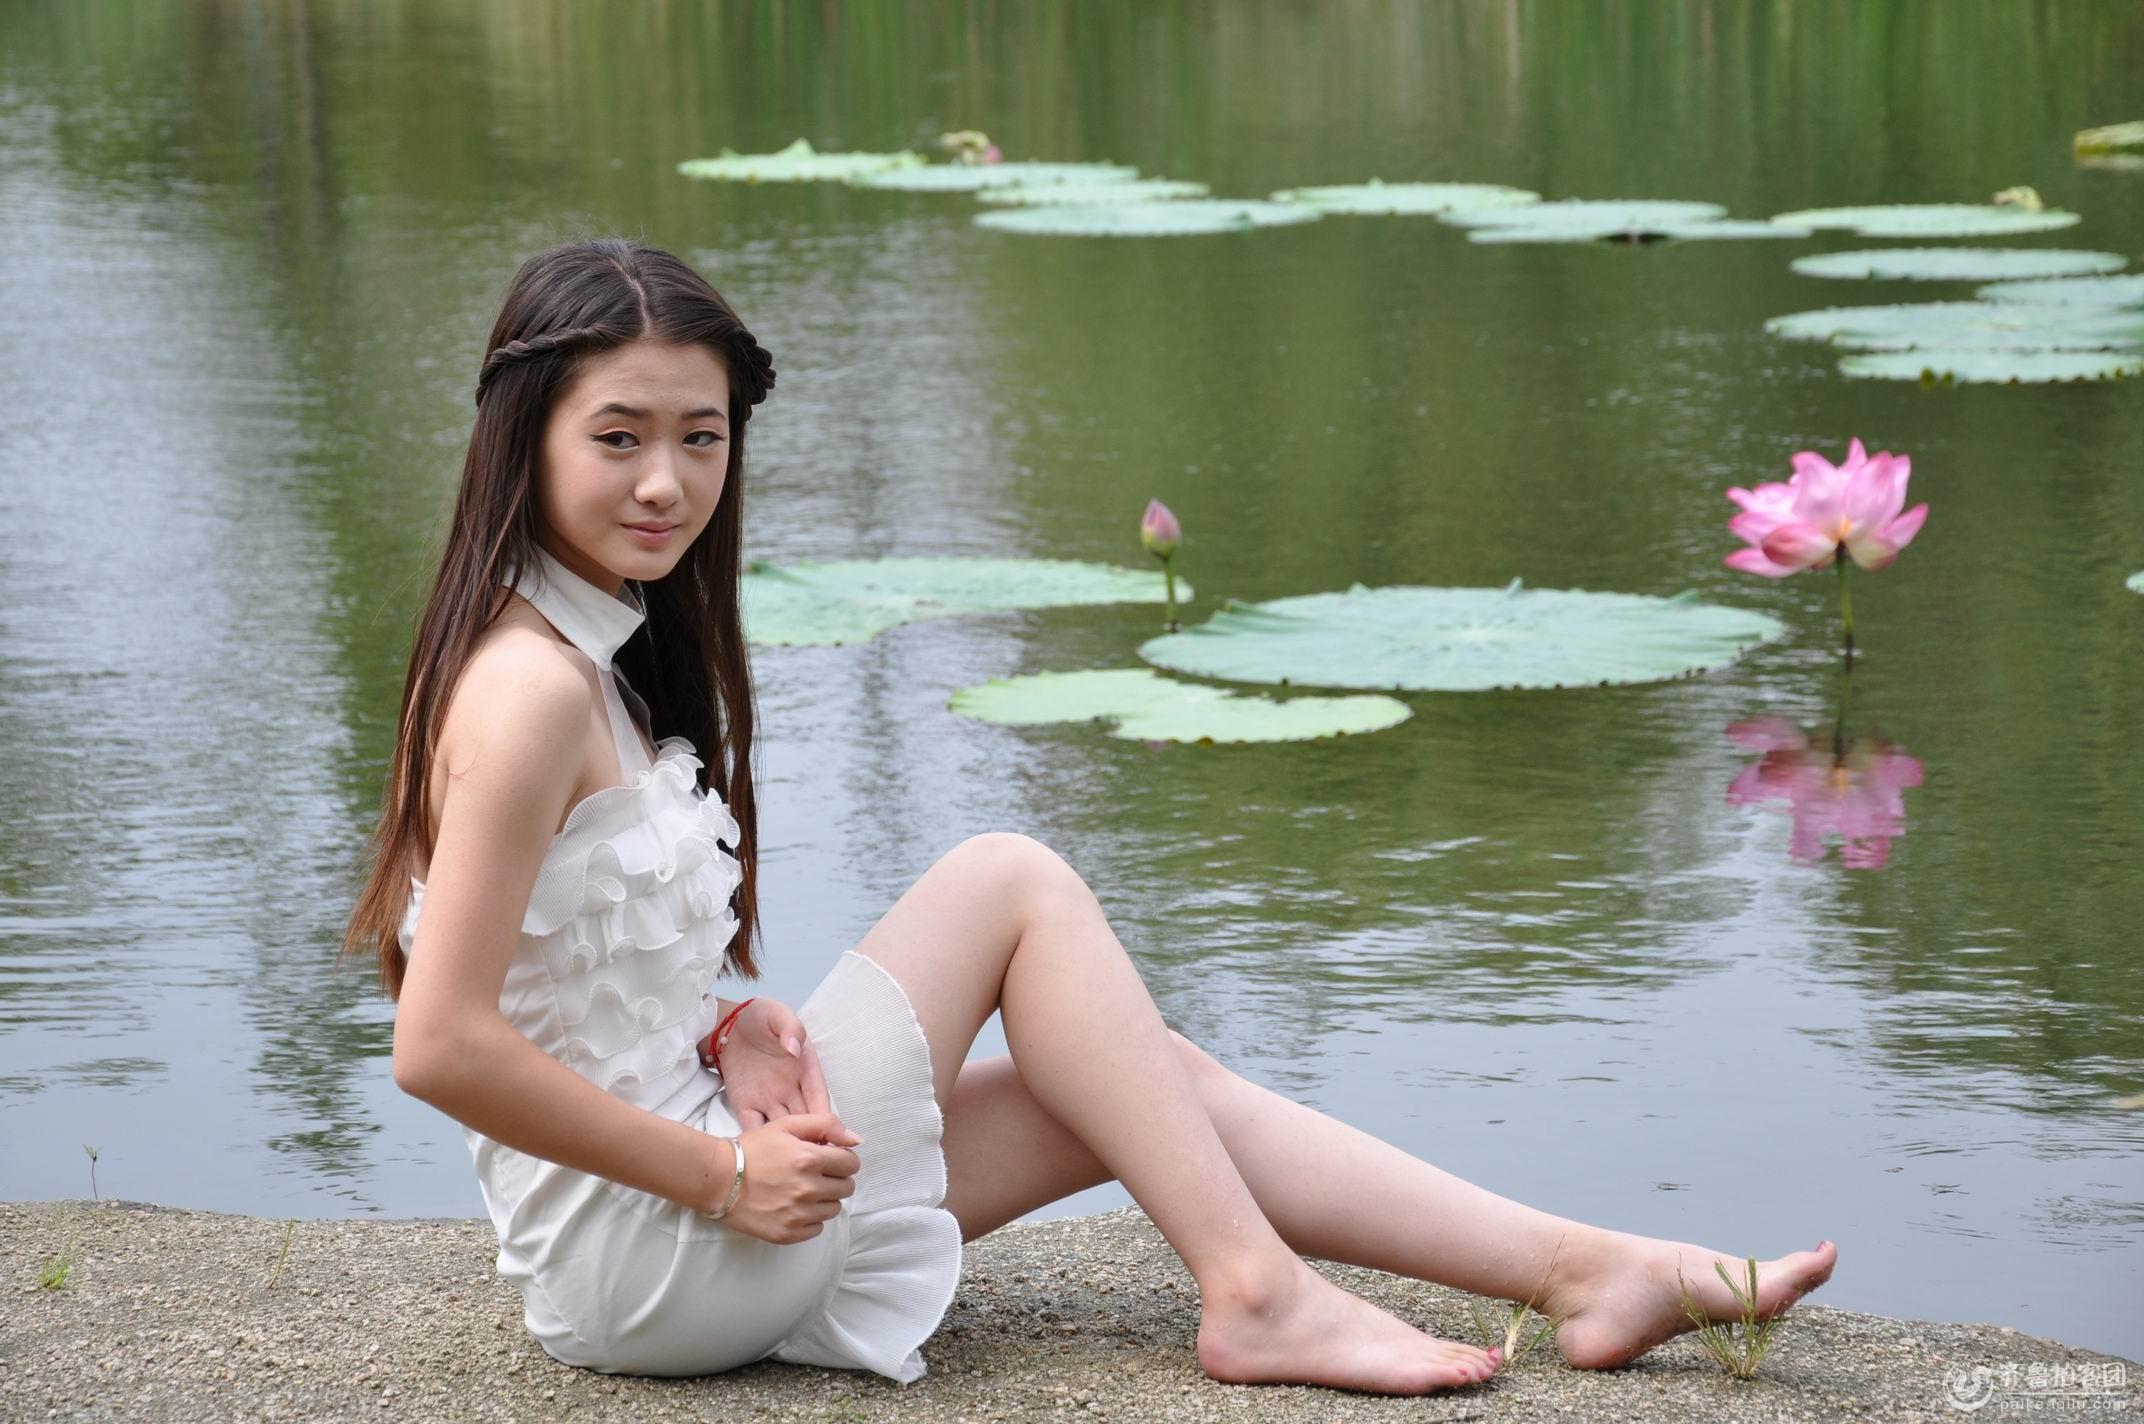 公园河边拍美女戏水